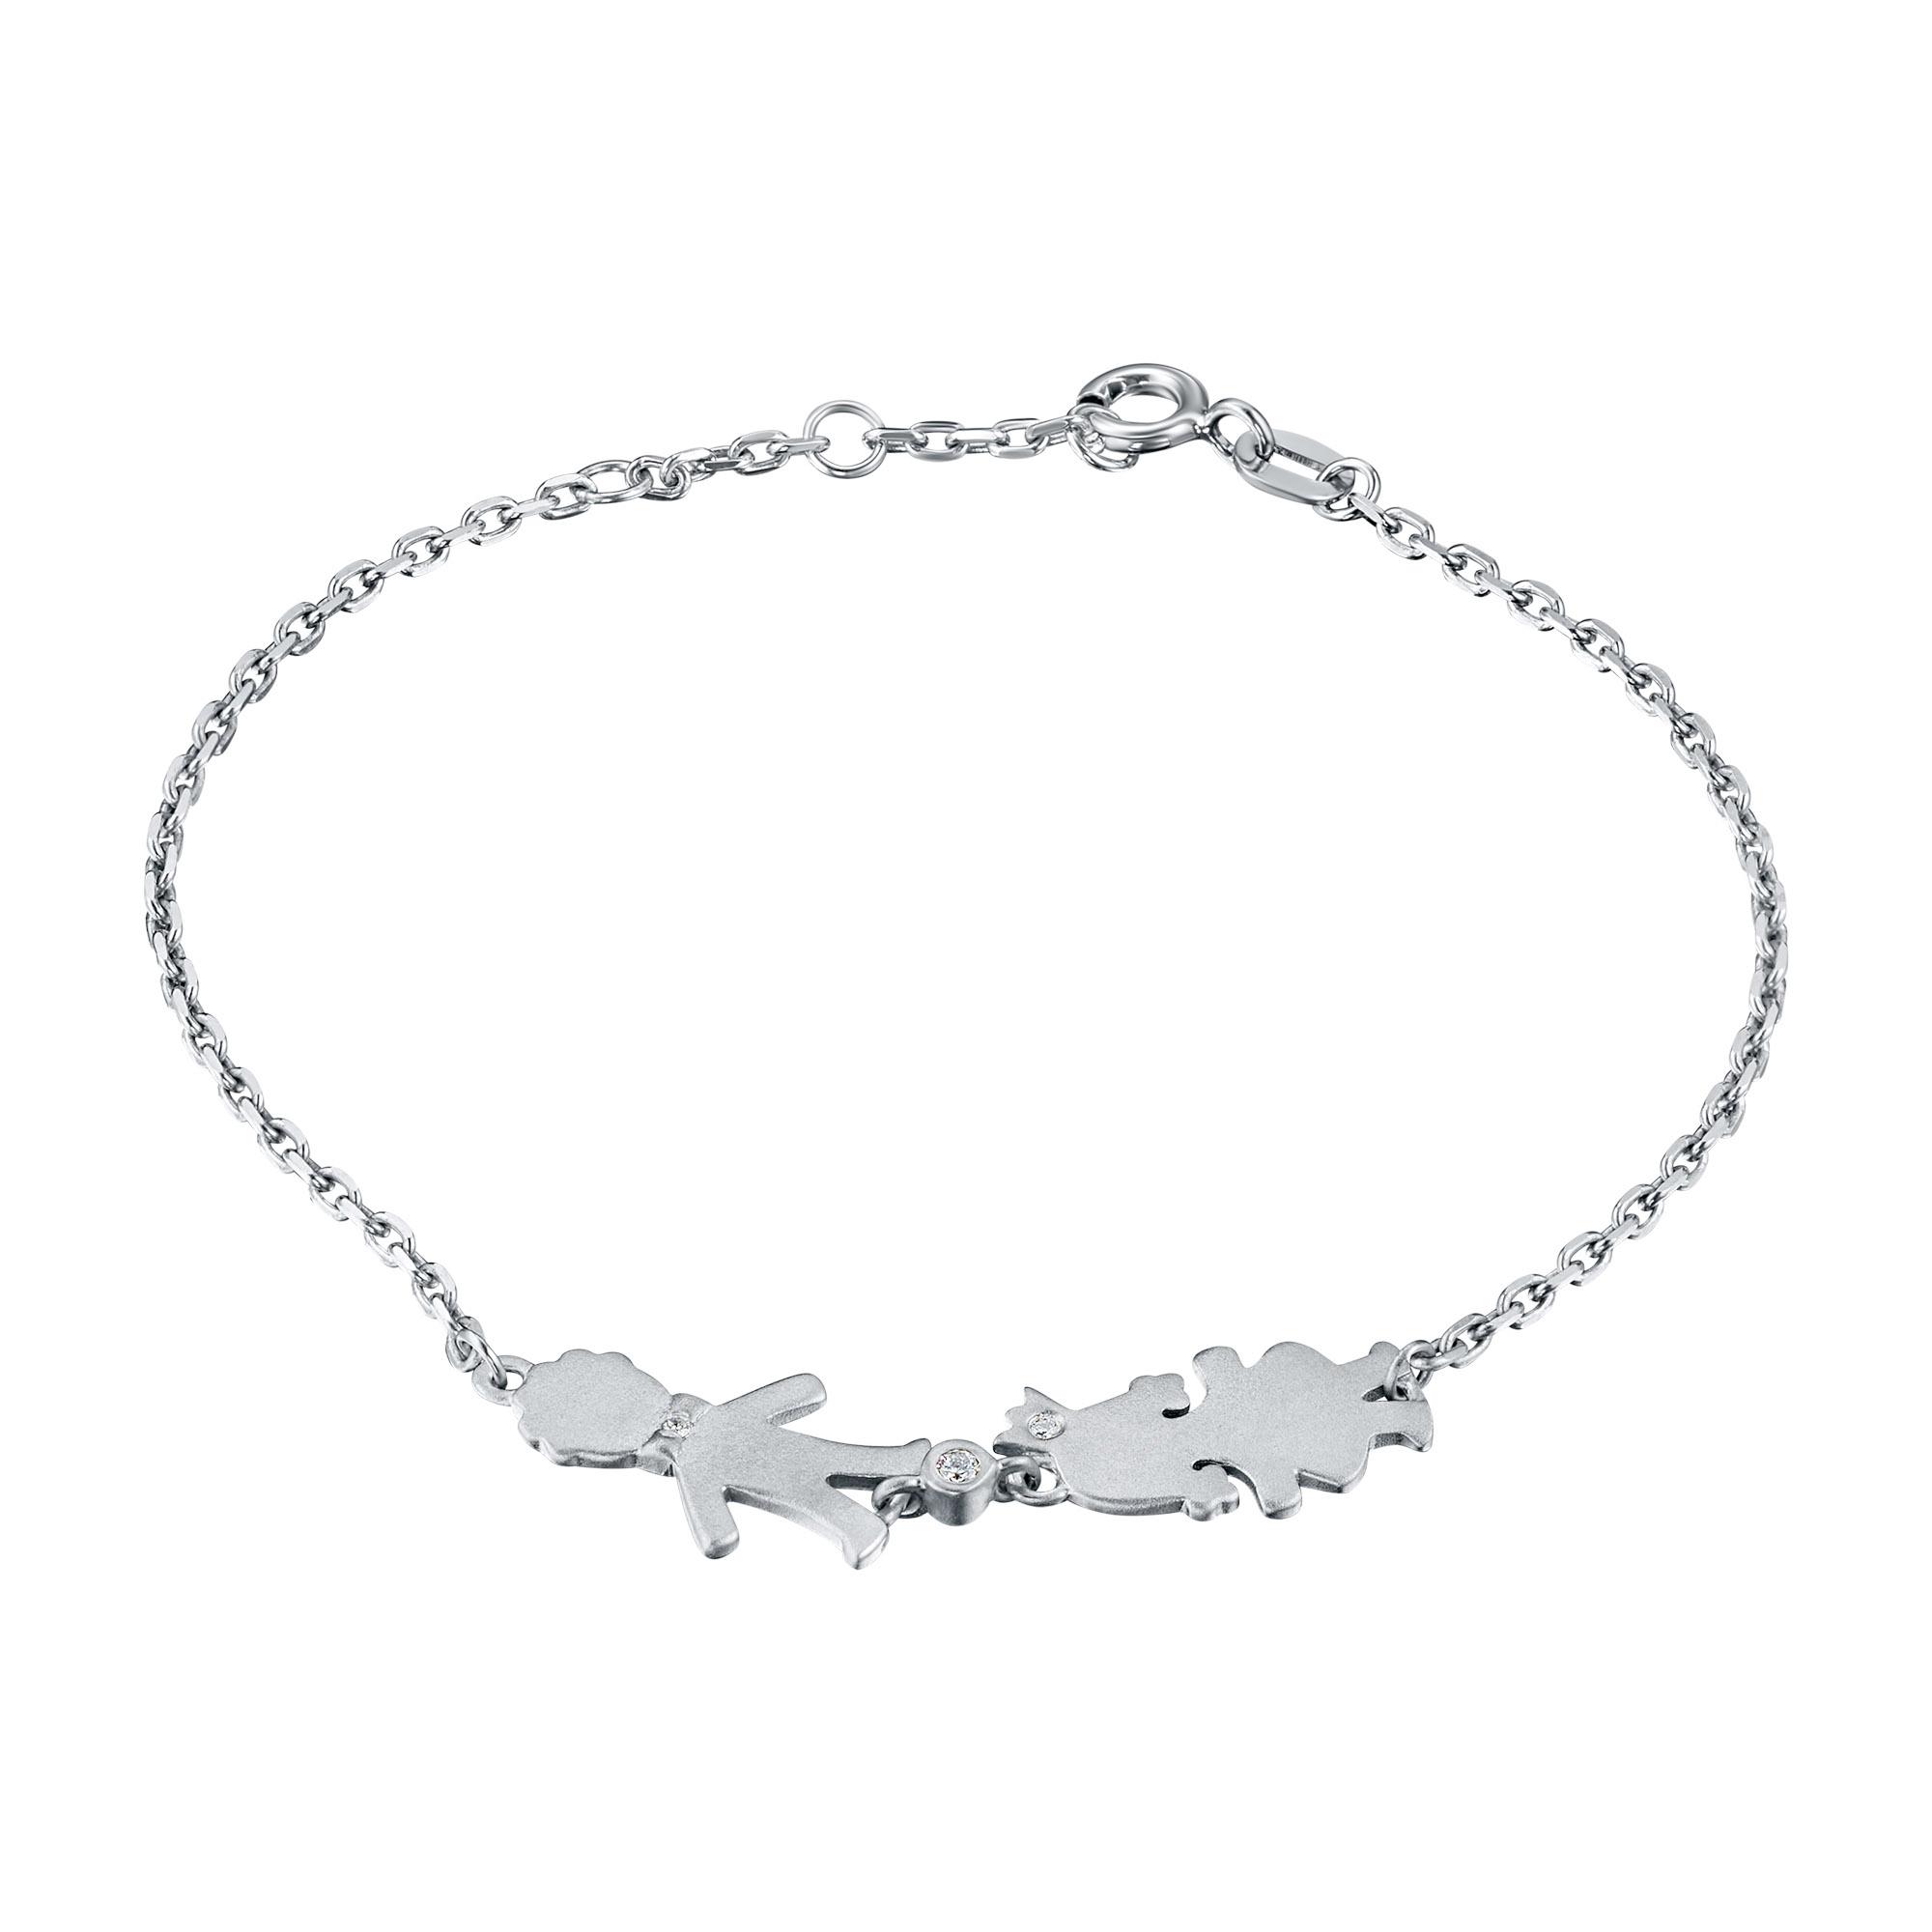 Браслет из серебра с бриллиантами э1701бр10176200